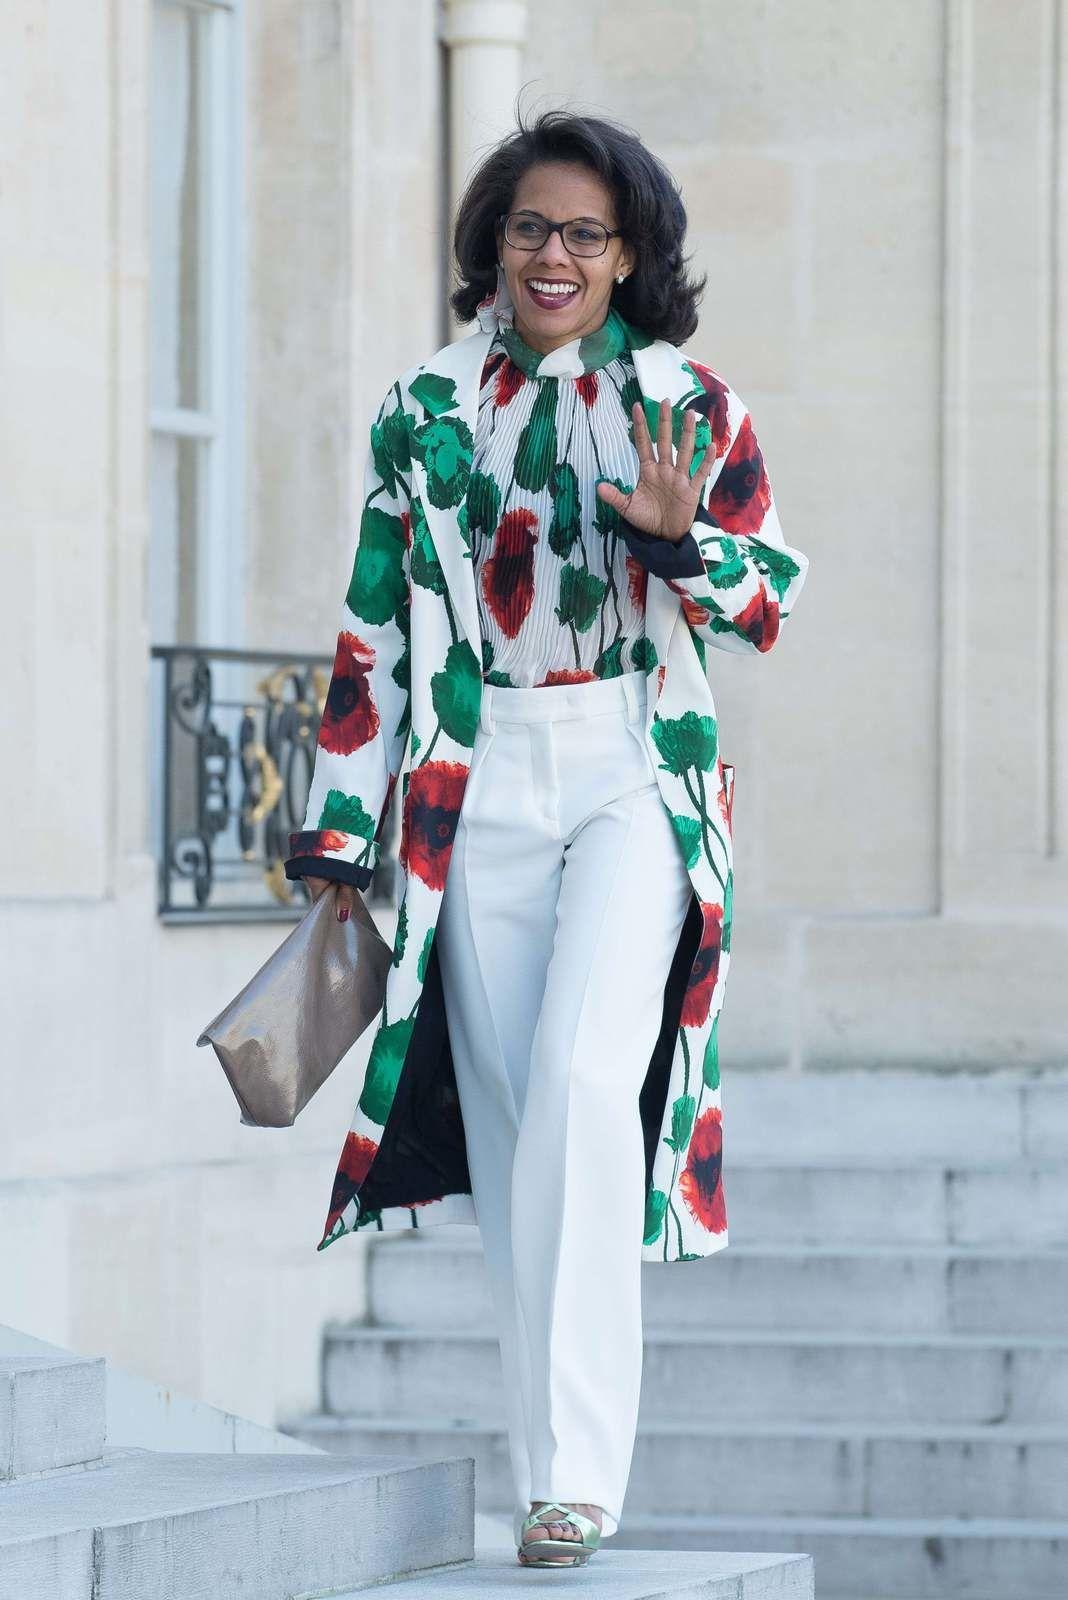 Audrey Pulvar - VILLARD/SIPA - On ne peut pas dire que sa tenue tout en couleur manque de peps. Avec ses origines issues des ils caraïbe, Audrey ose et ça lui va à la perfection, le must.